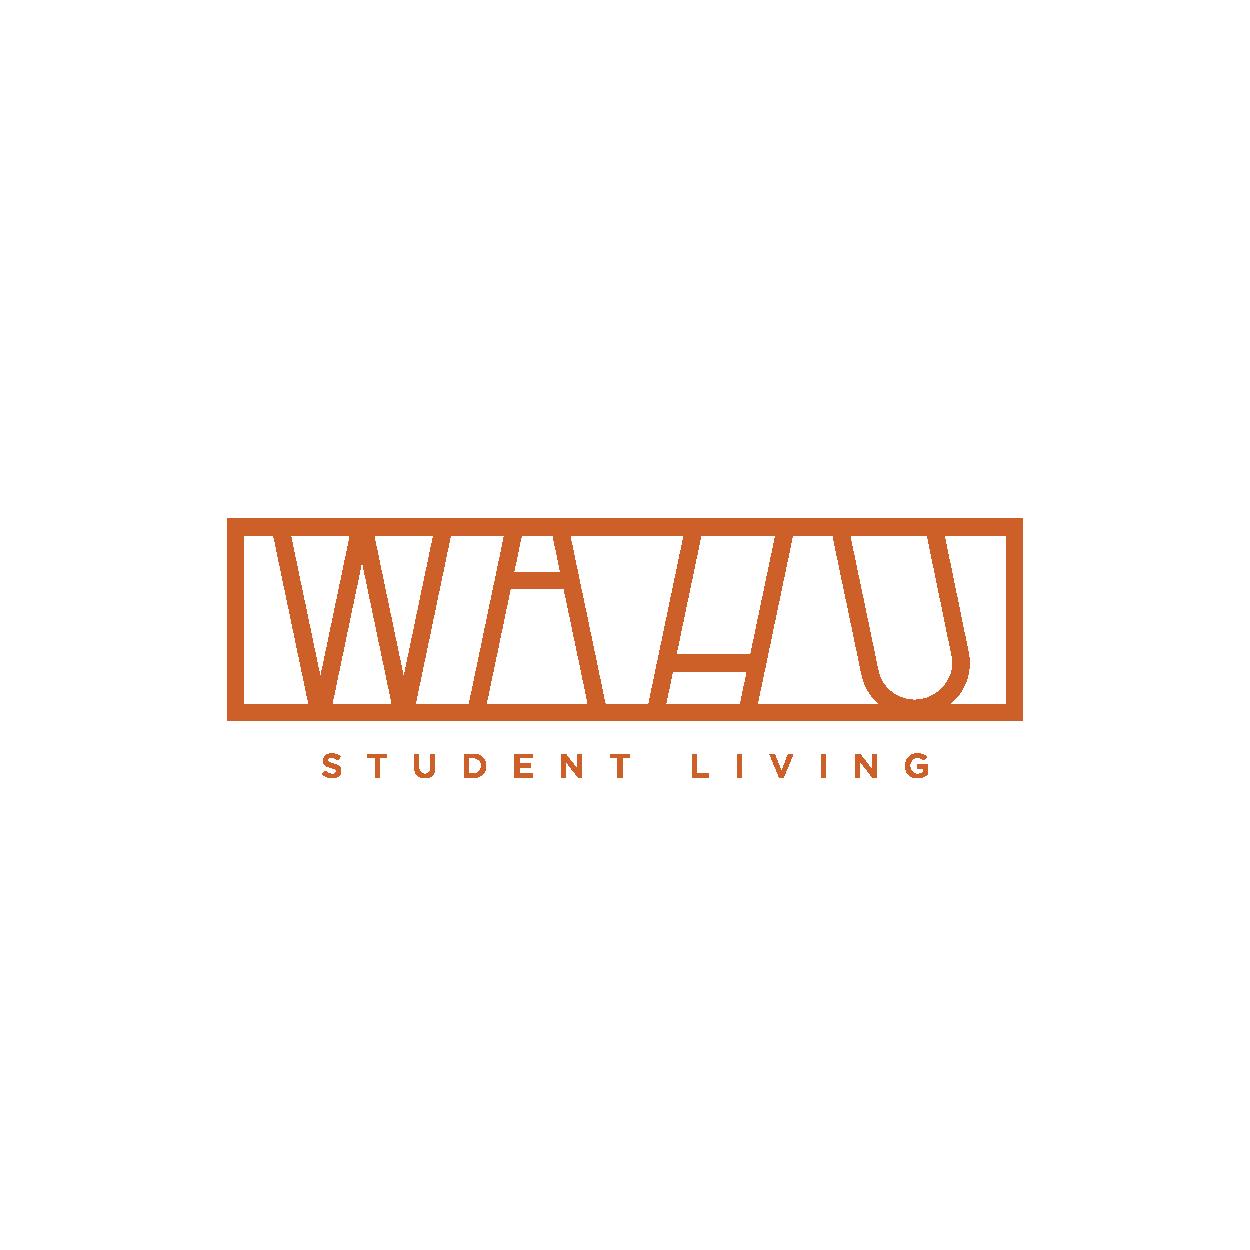 11-wahu.png